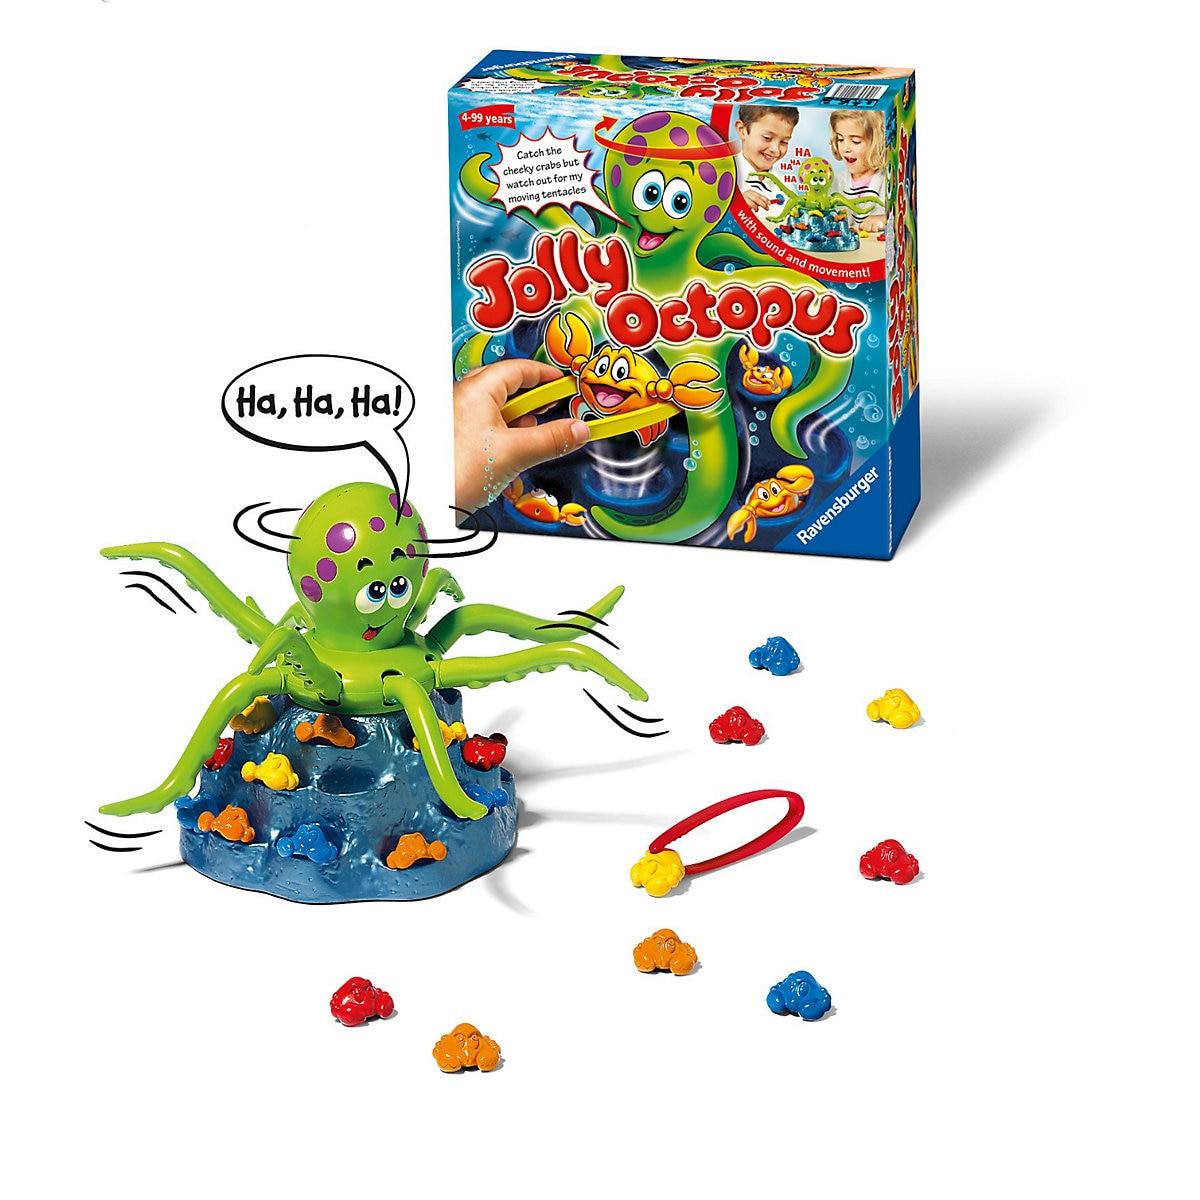 Jeux de fête RAVENSBURGER 2206777 jeu de société motricité Fine Dobble Rummikub jouets éducatifs